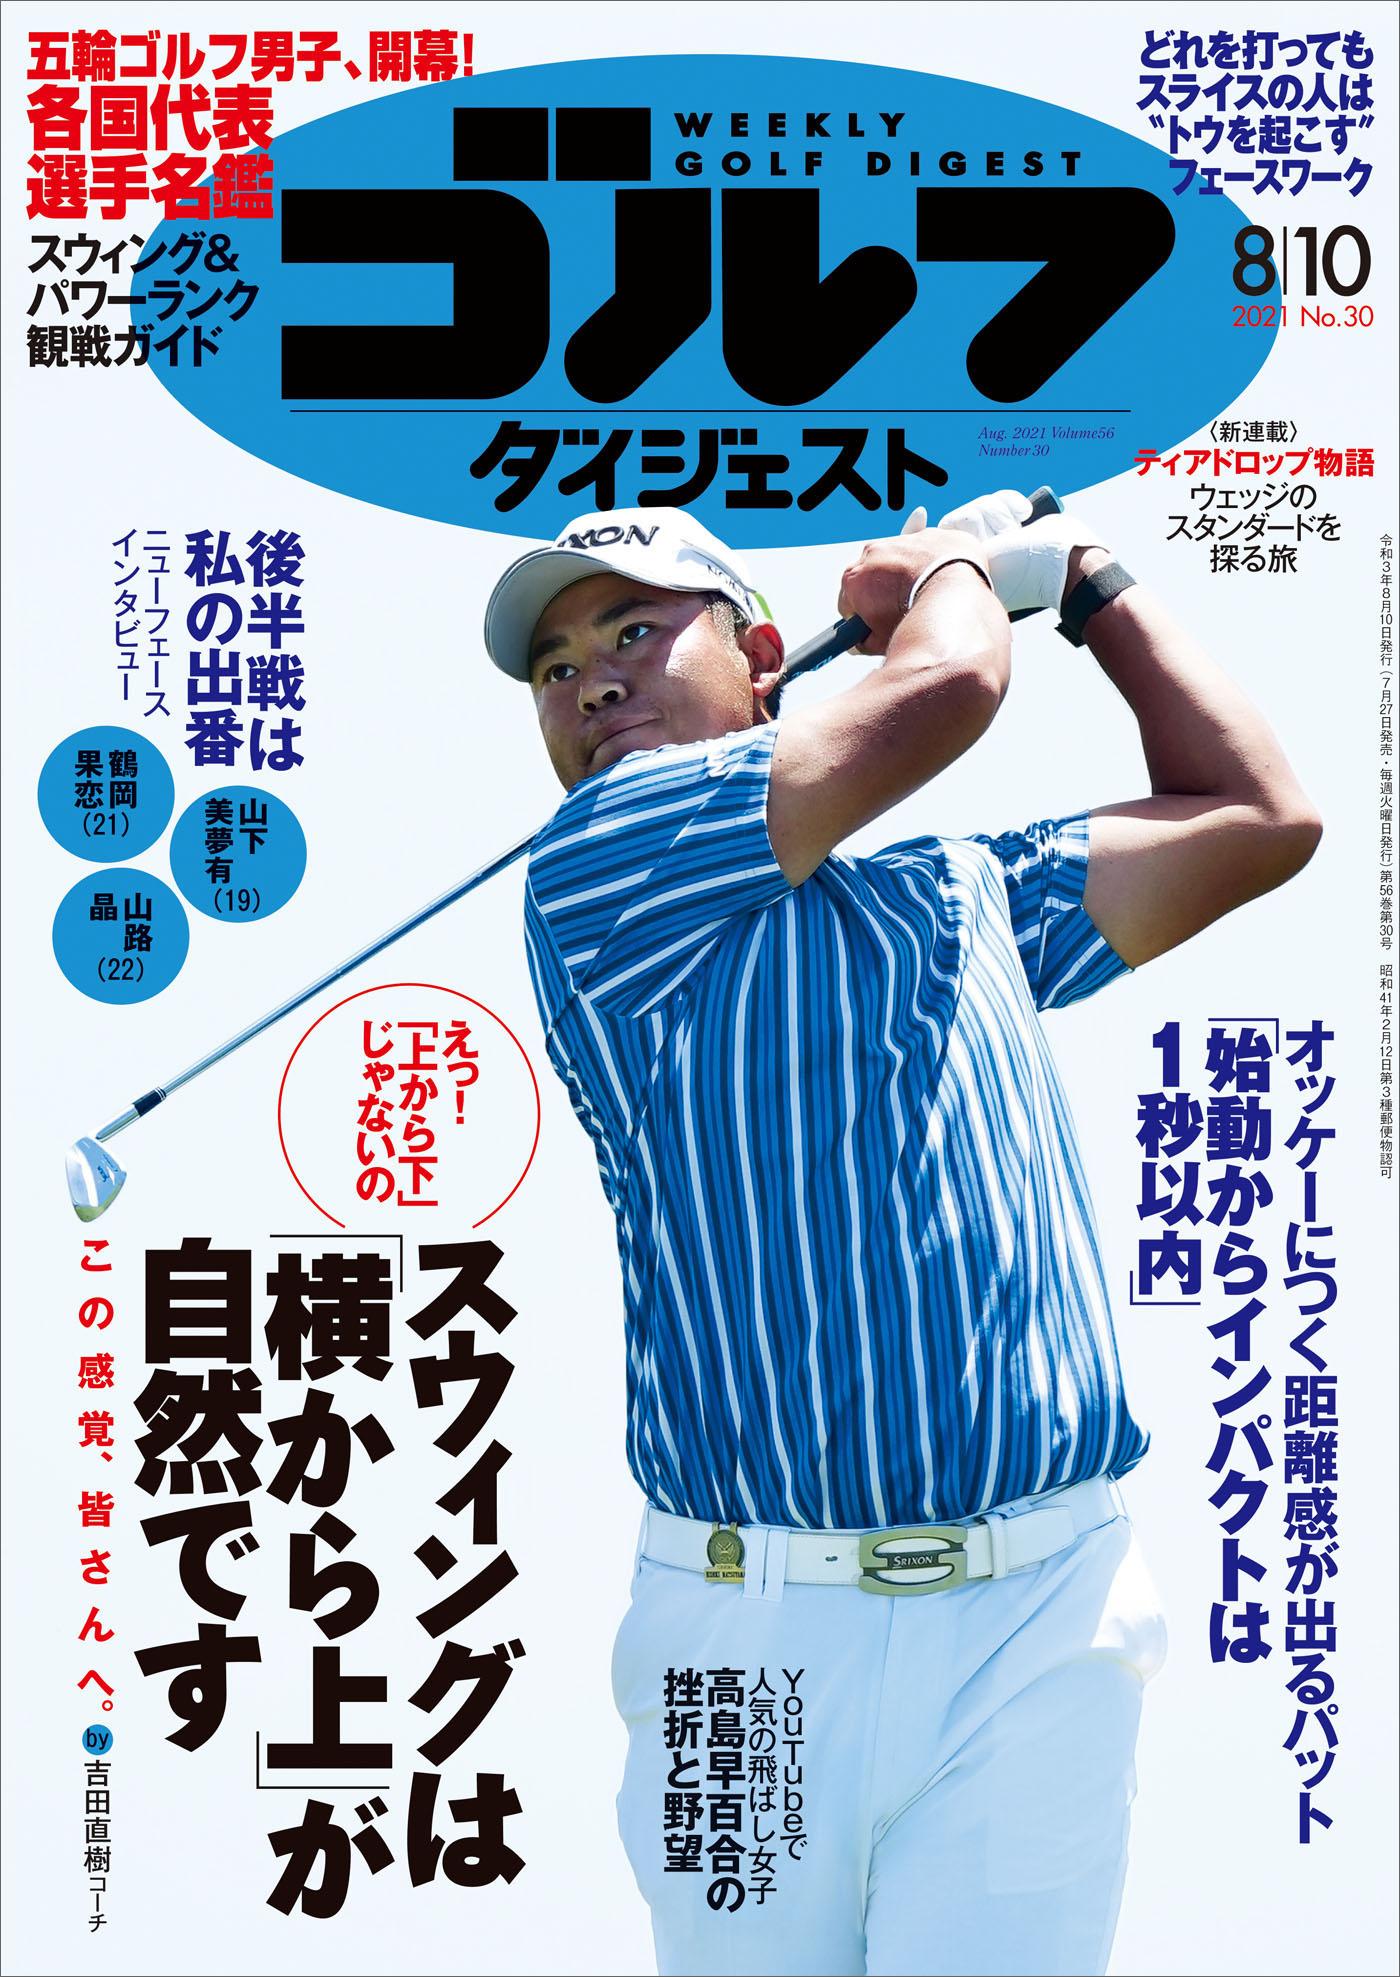 週刊ゴルフダイジェスト2021年8月10日号